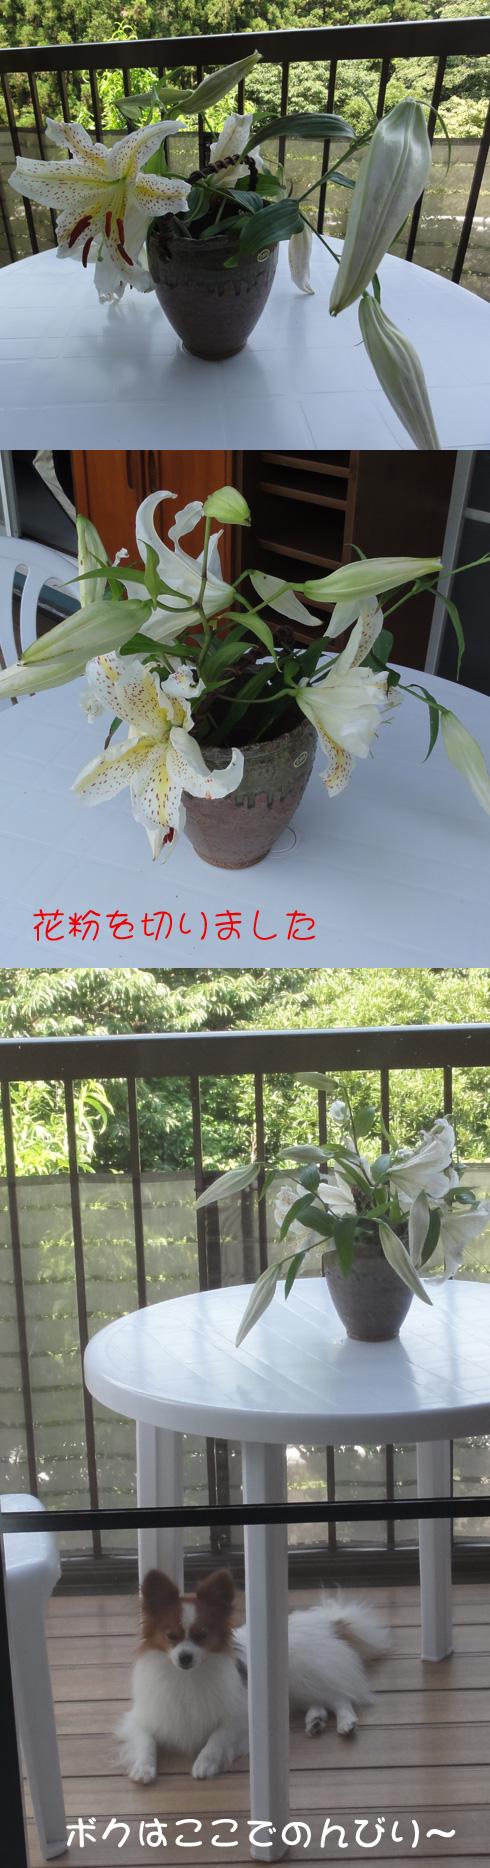 ヤマユリが咲きました